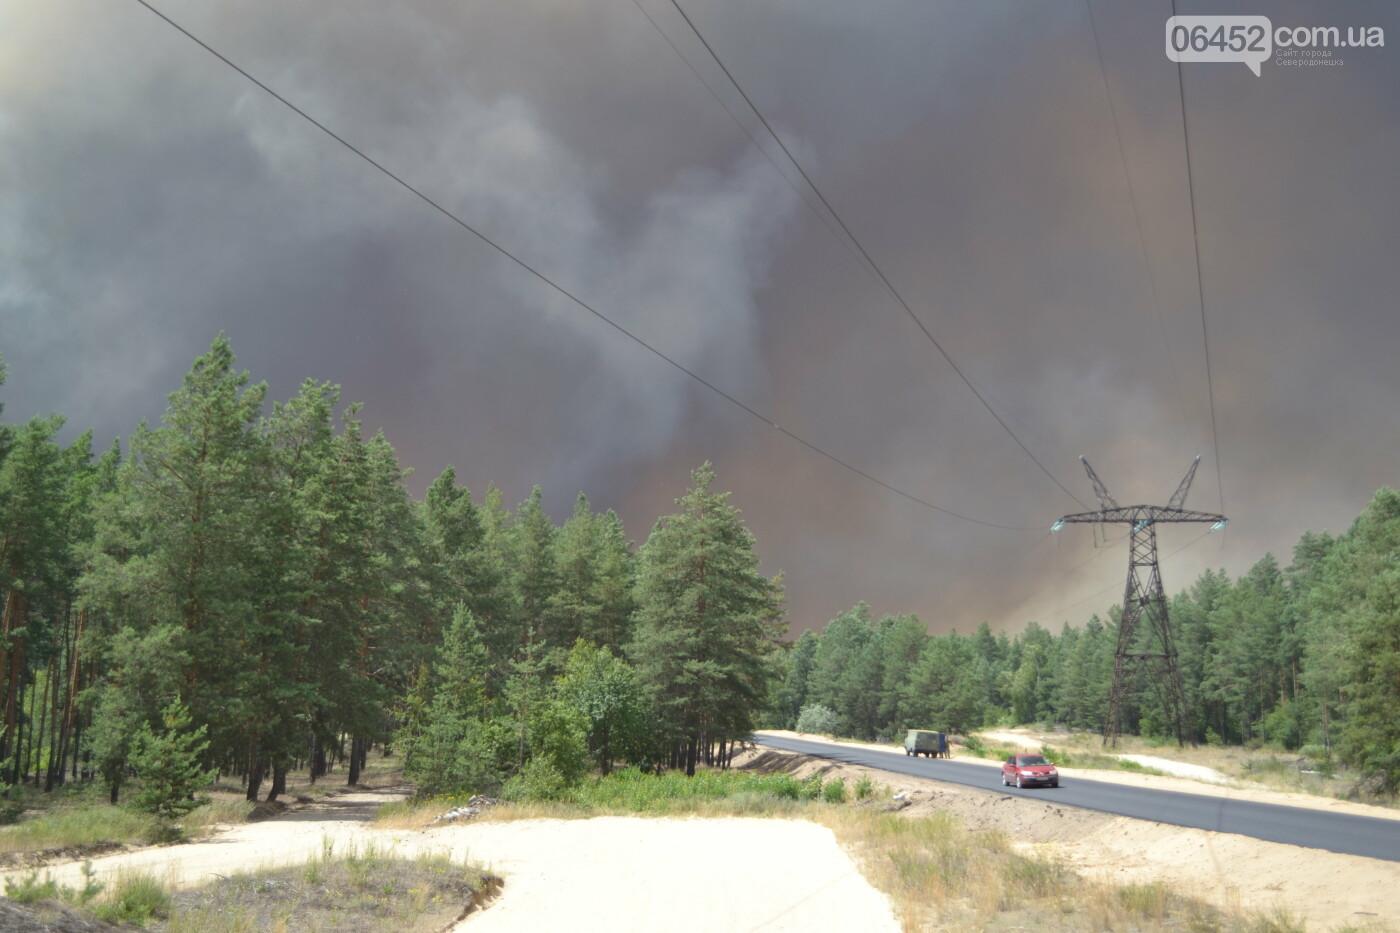 В Гослесагентстве оценили убытки от пожара на Луганщине в 5 миллиардов гривен, фото-3